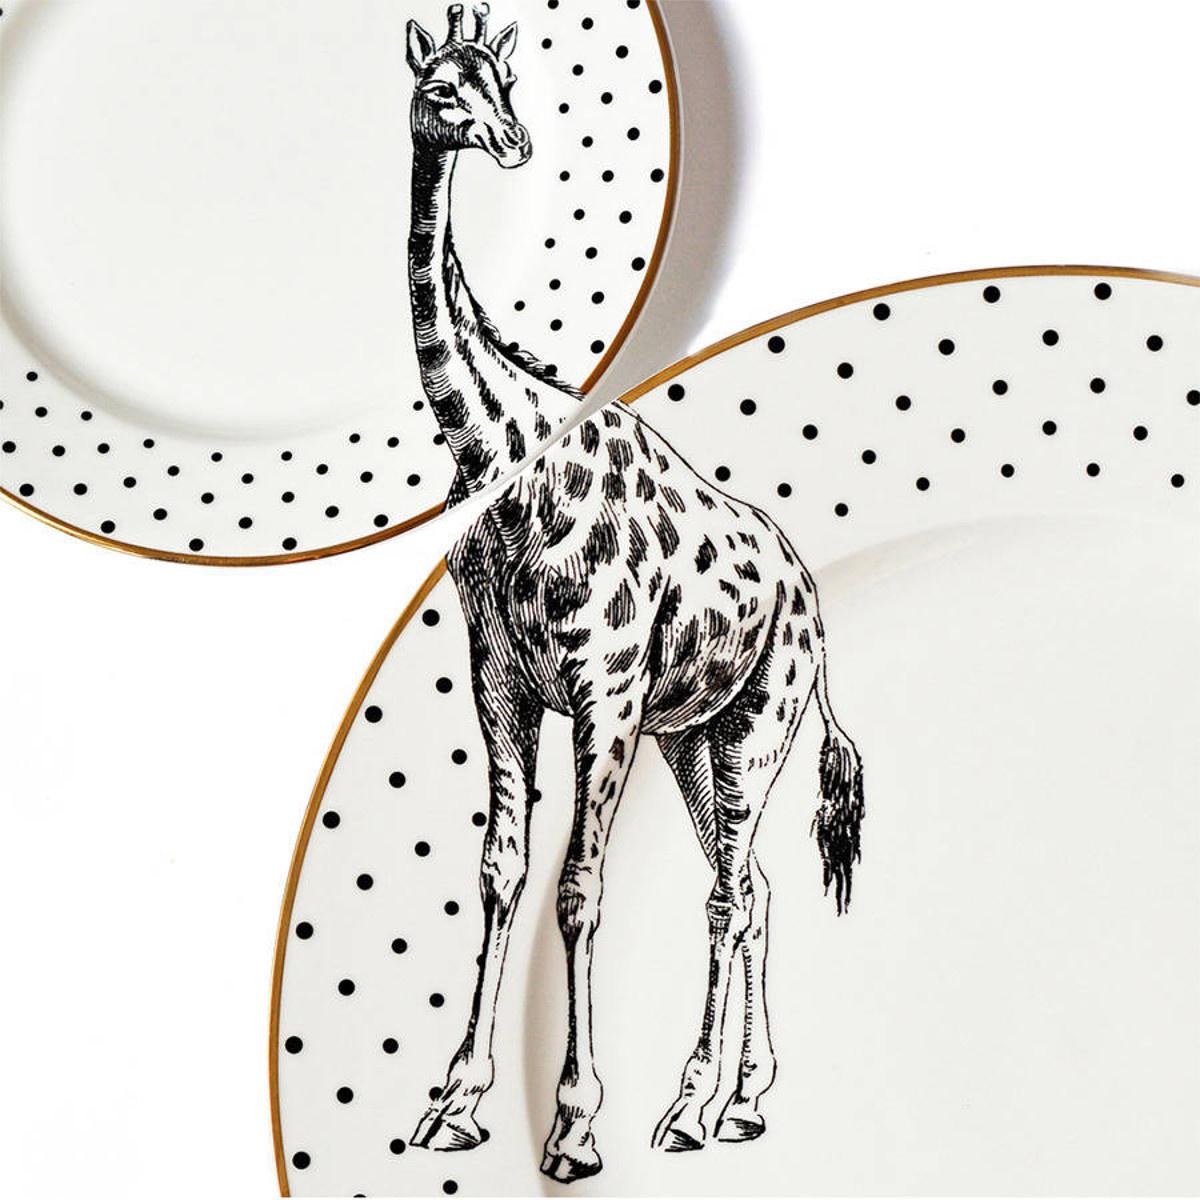 Yvonne Ellen London Monochrome Set de 1 Assiette Ø 26,5 cm et 1 Assiette Ø 16 cm - Girafe - Bone China Porcelaine - Boîte Cadeau